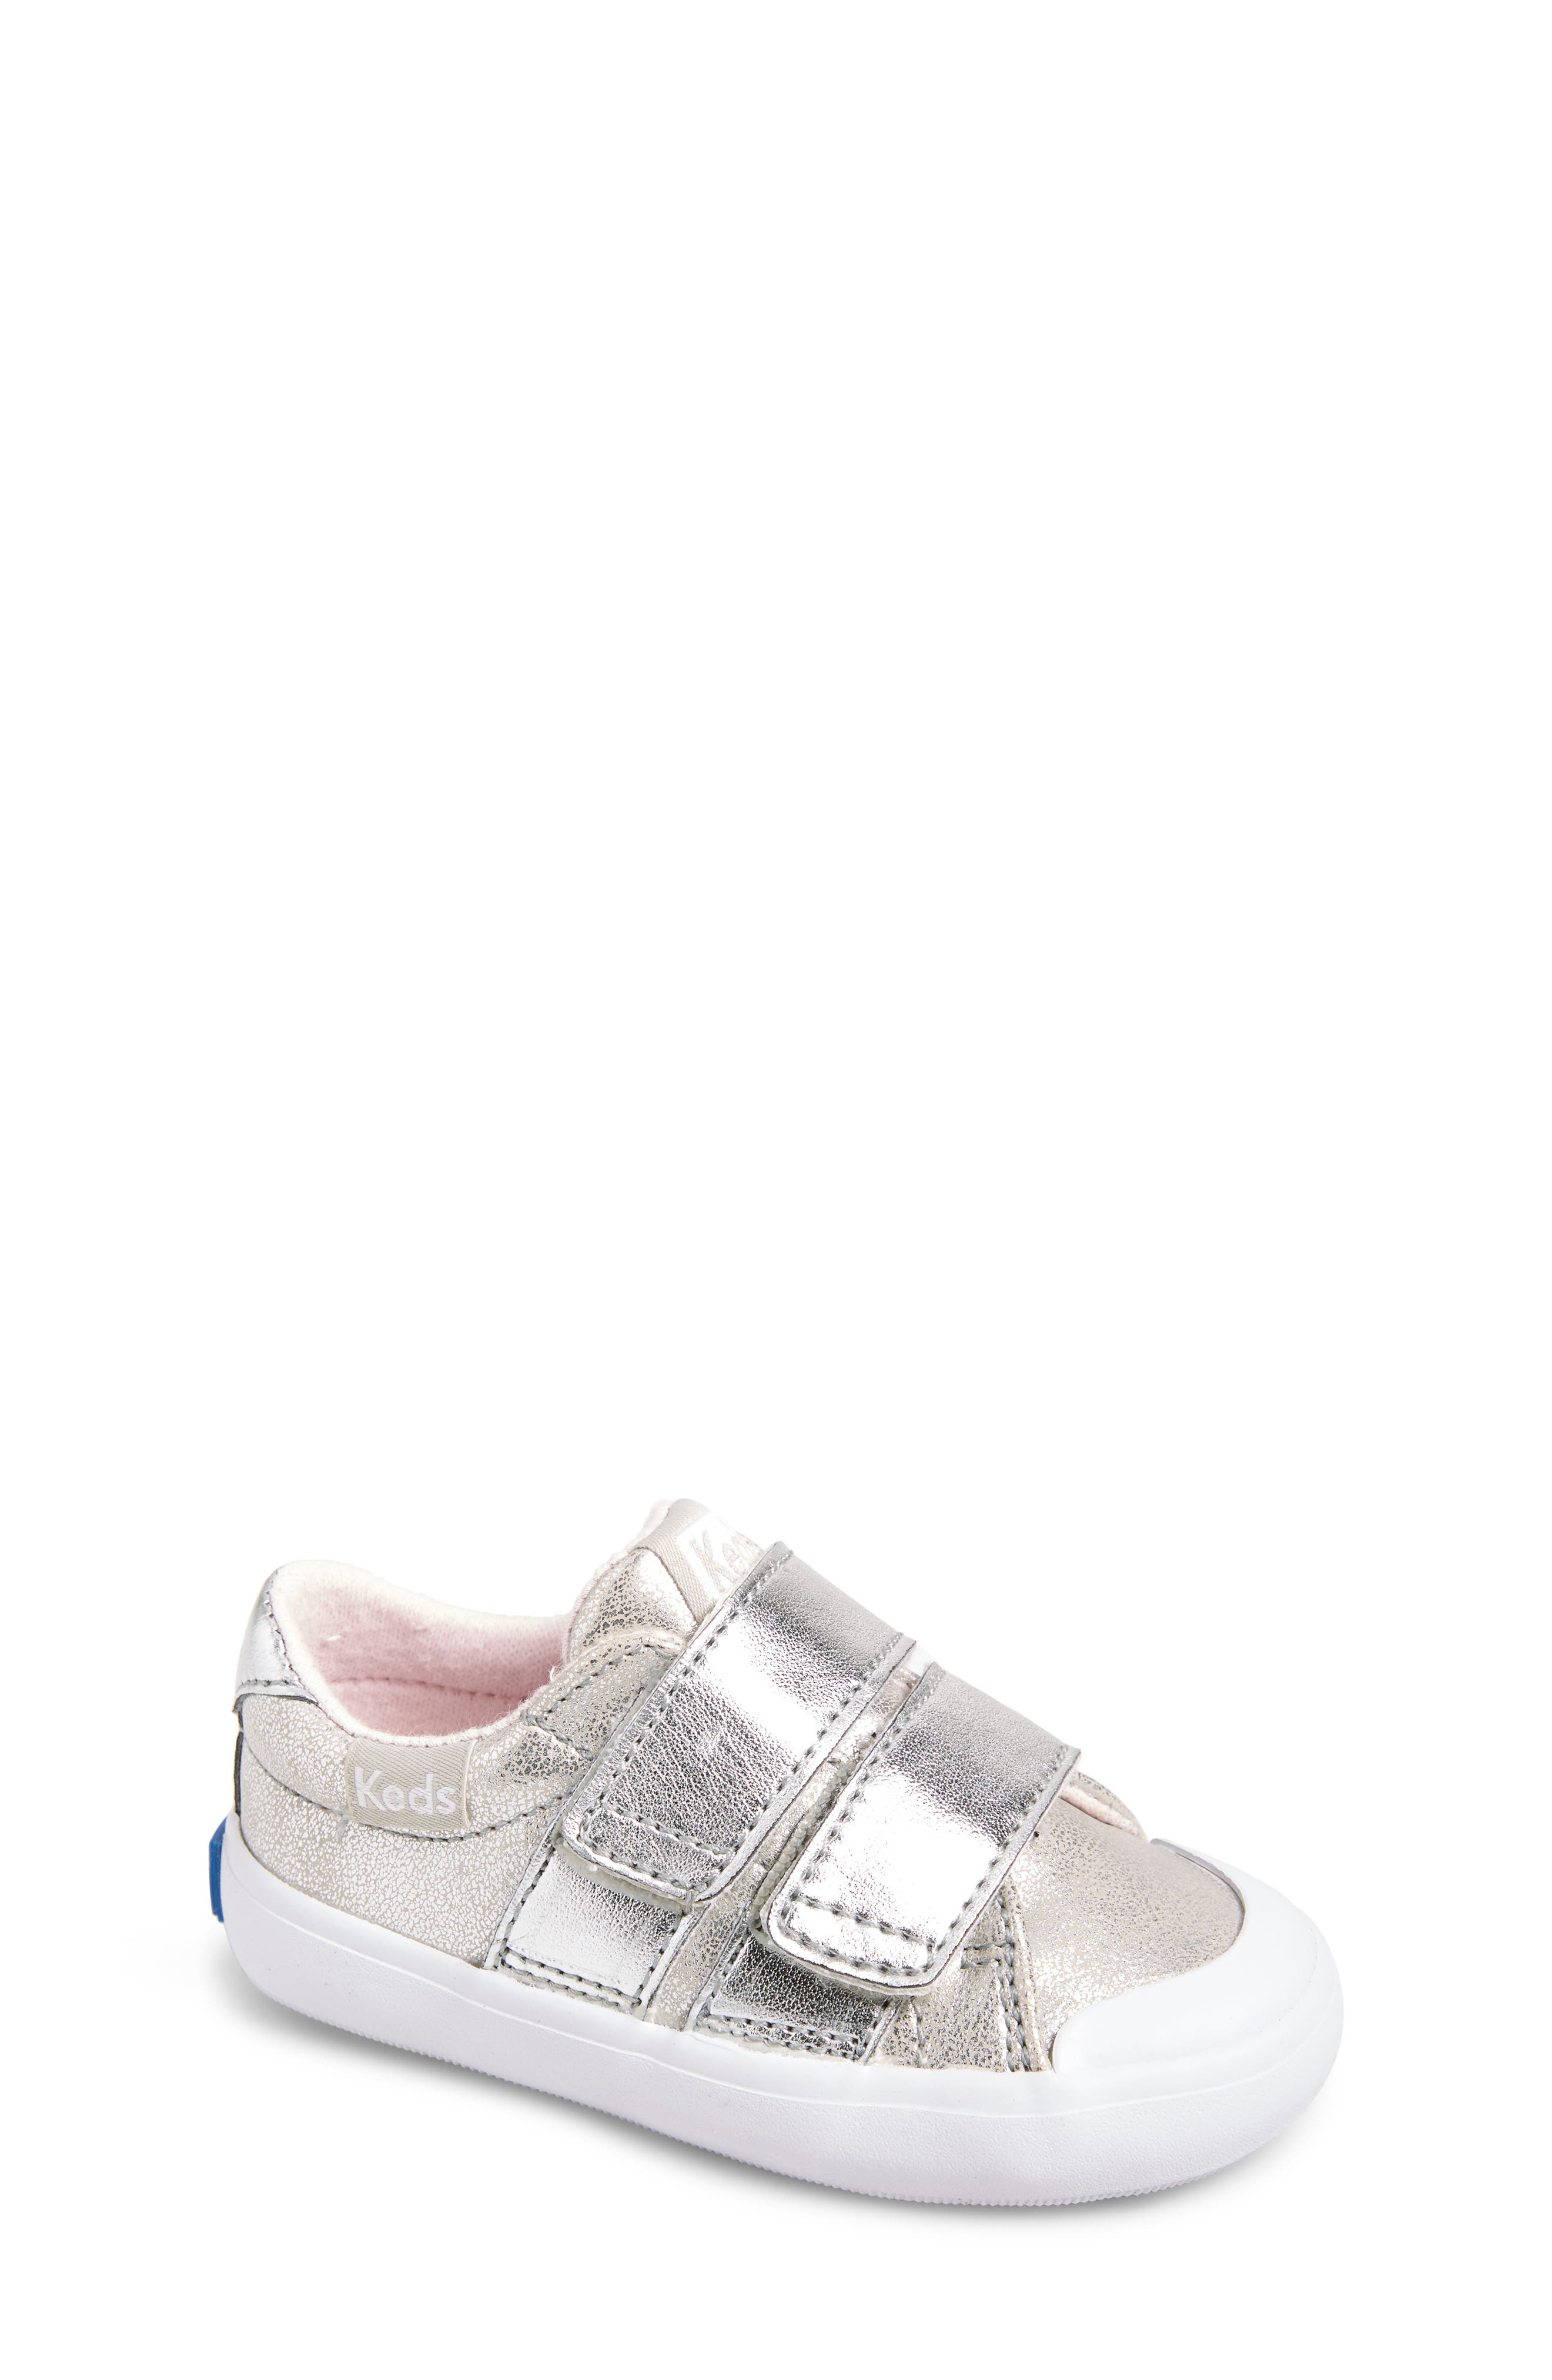 Keds® Courtney Hook \u0026 Loop Sneaker